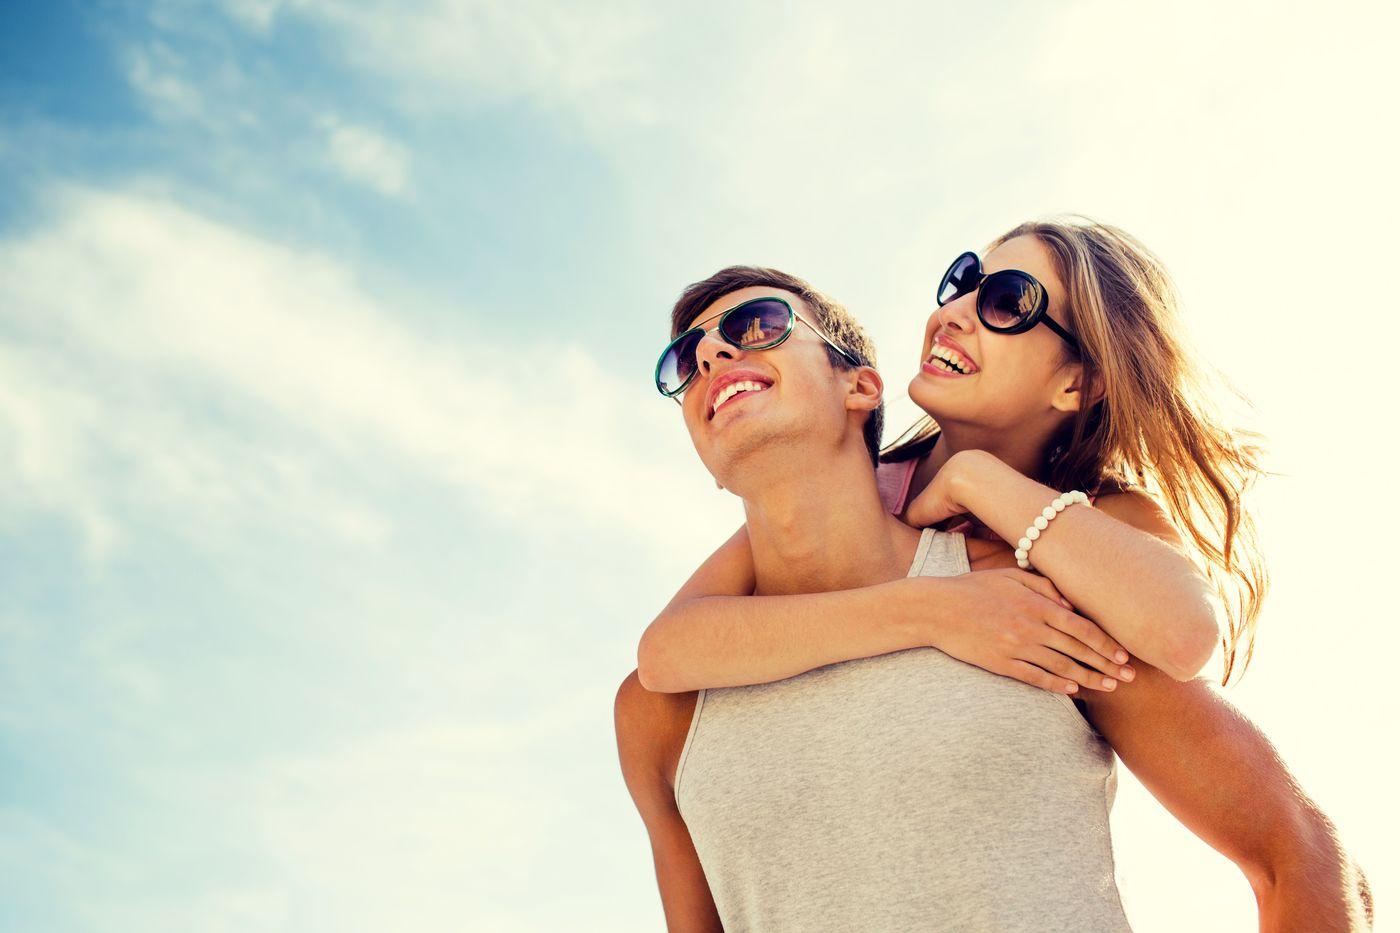 ヤキモチをやいてしまうときに!余裕のある女になるための恋愛講座の2枚目の画像